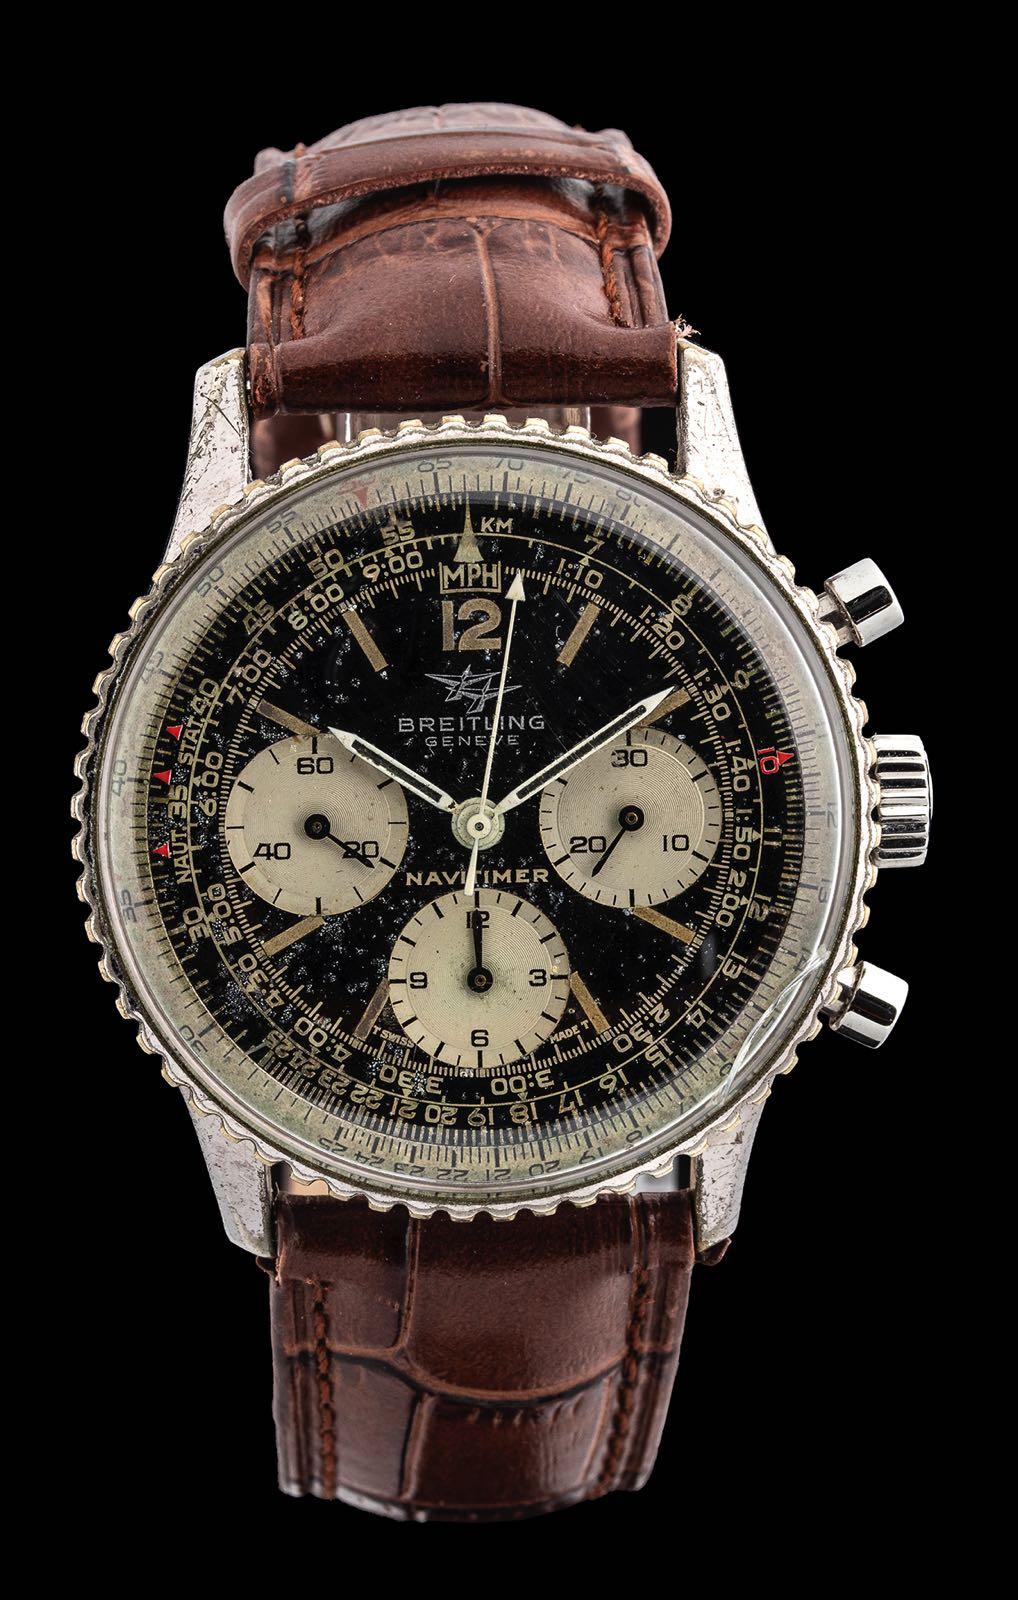 Breitling chrono Navitimer ref 806 1960's